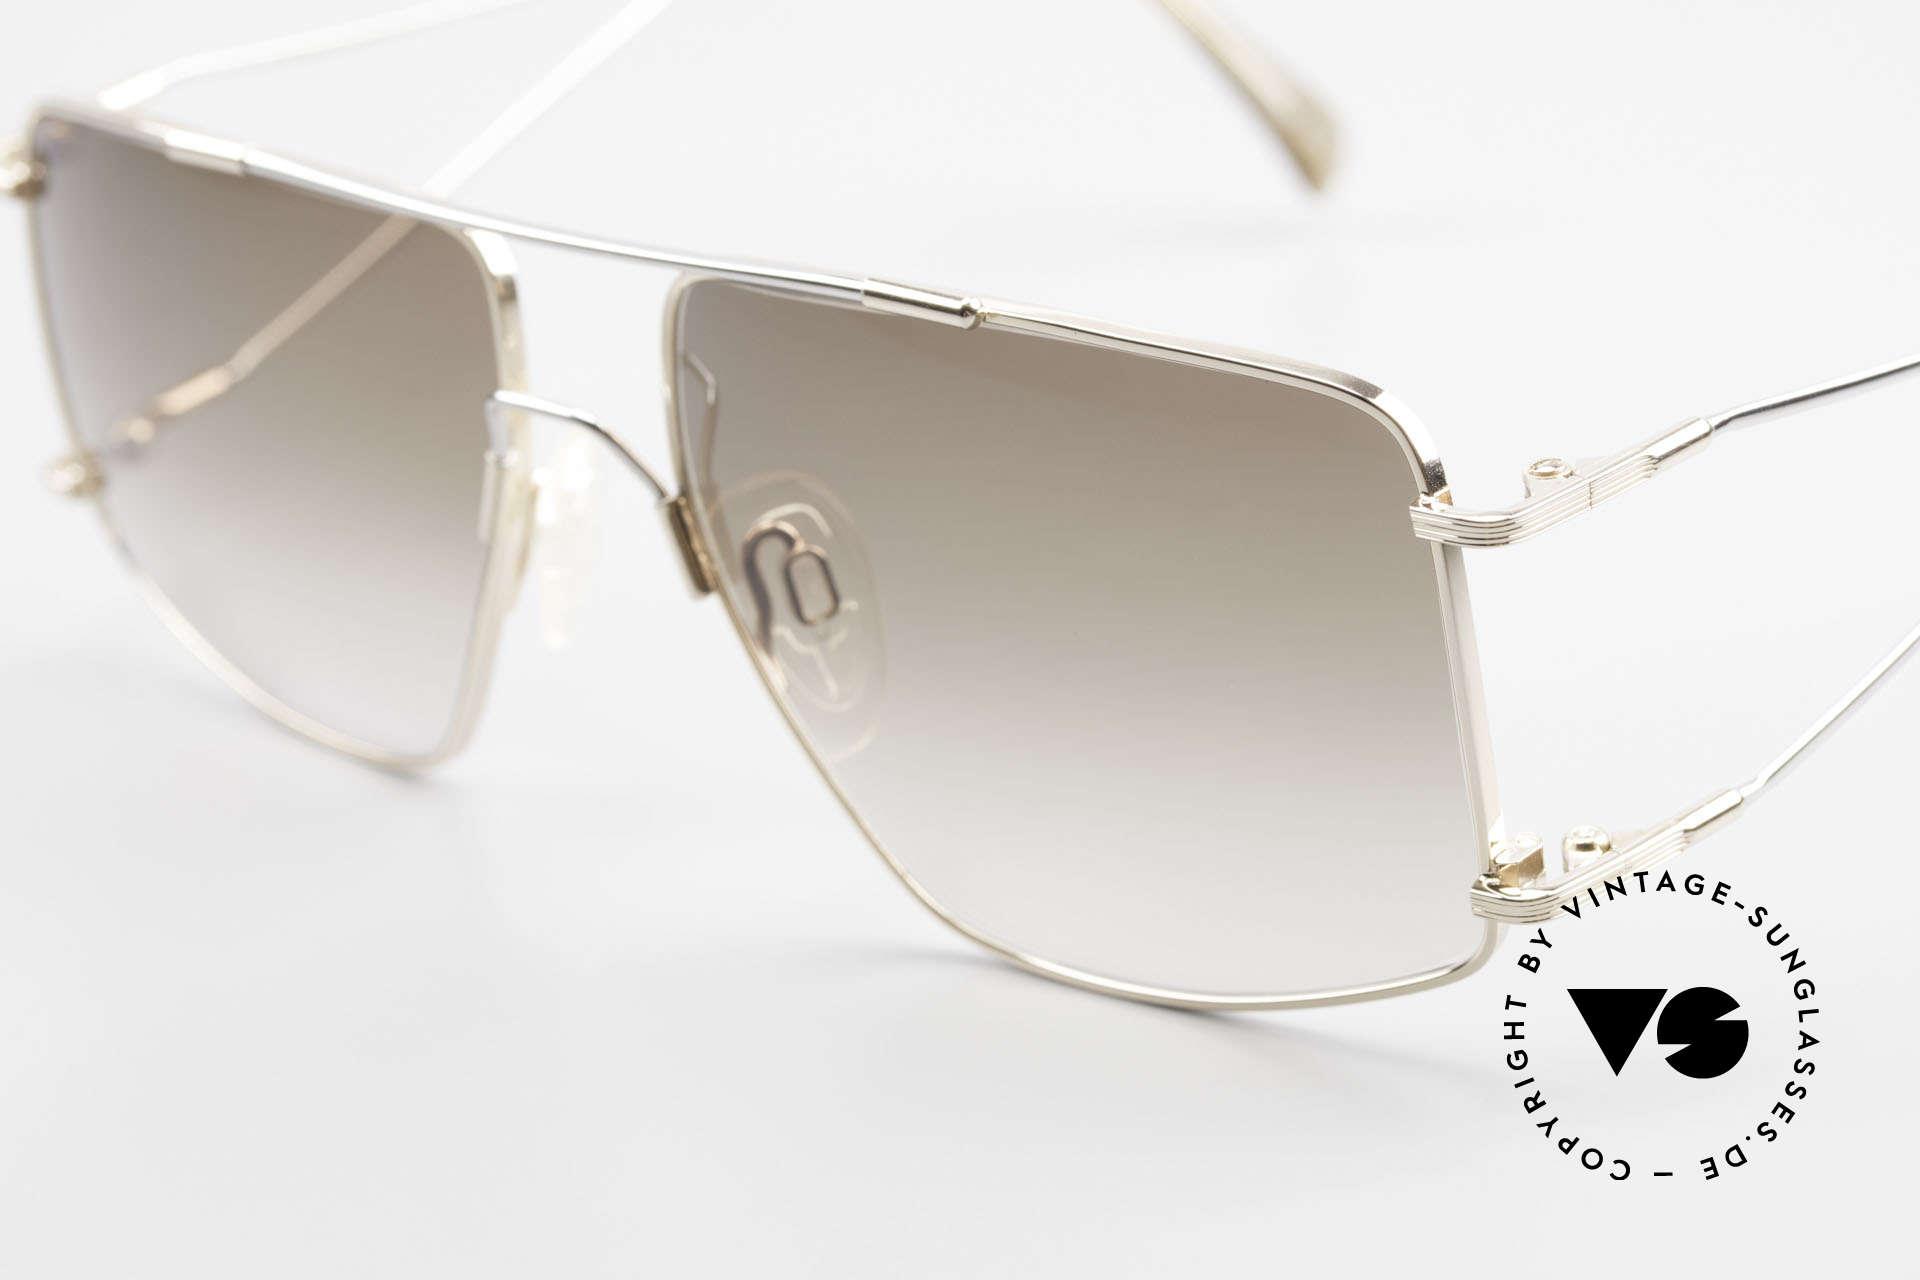 Neostyle Jet 40 Titanflex Vintage Sunglasses, after deformation, the frame returns to orig. form!, Made for Men